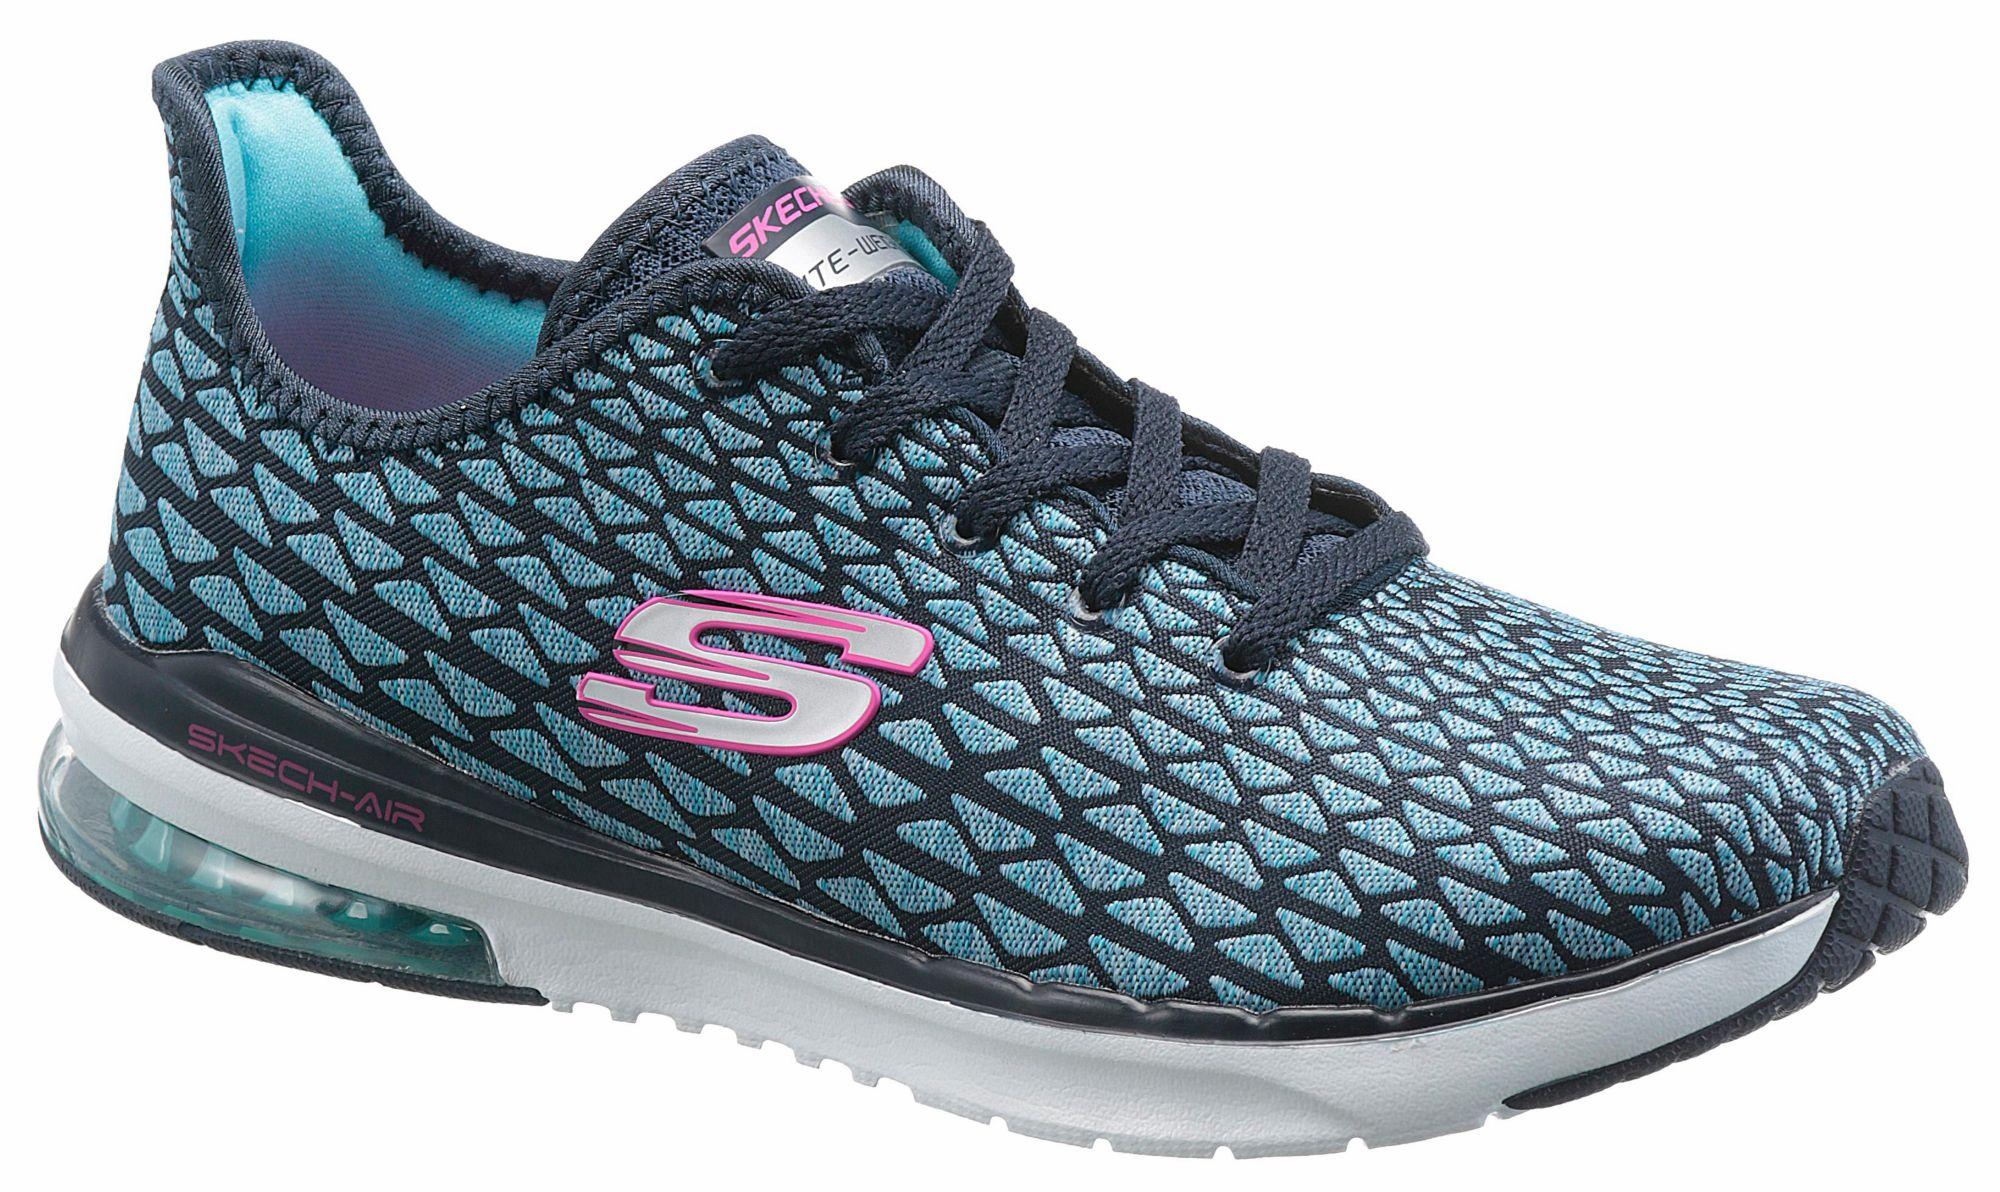 Skechers »Skech-Air Infinity Free Fallin« Sneaker, mit auffälligem Muster, schwarz, weiß-schwarz